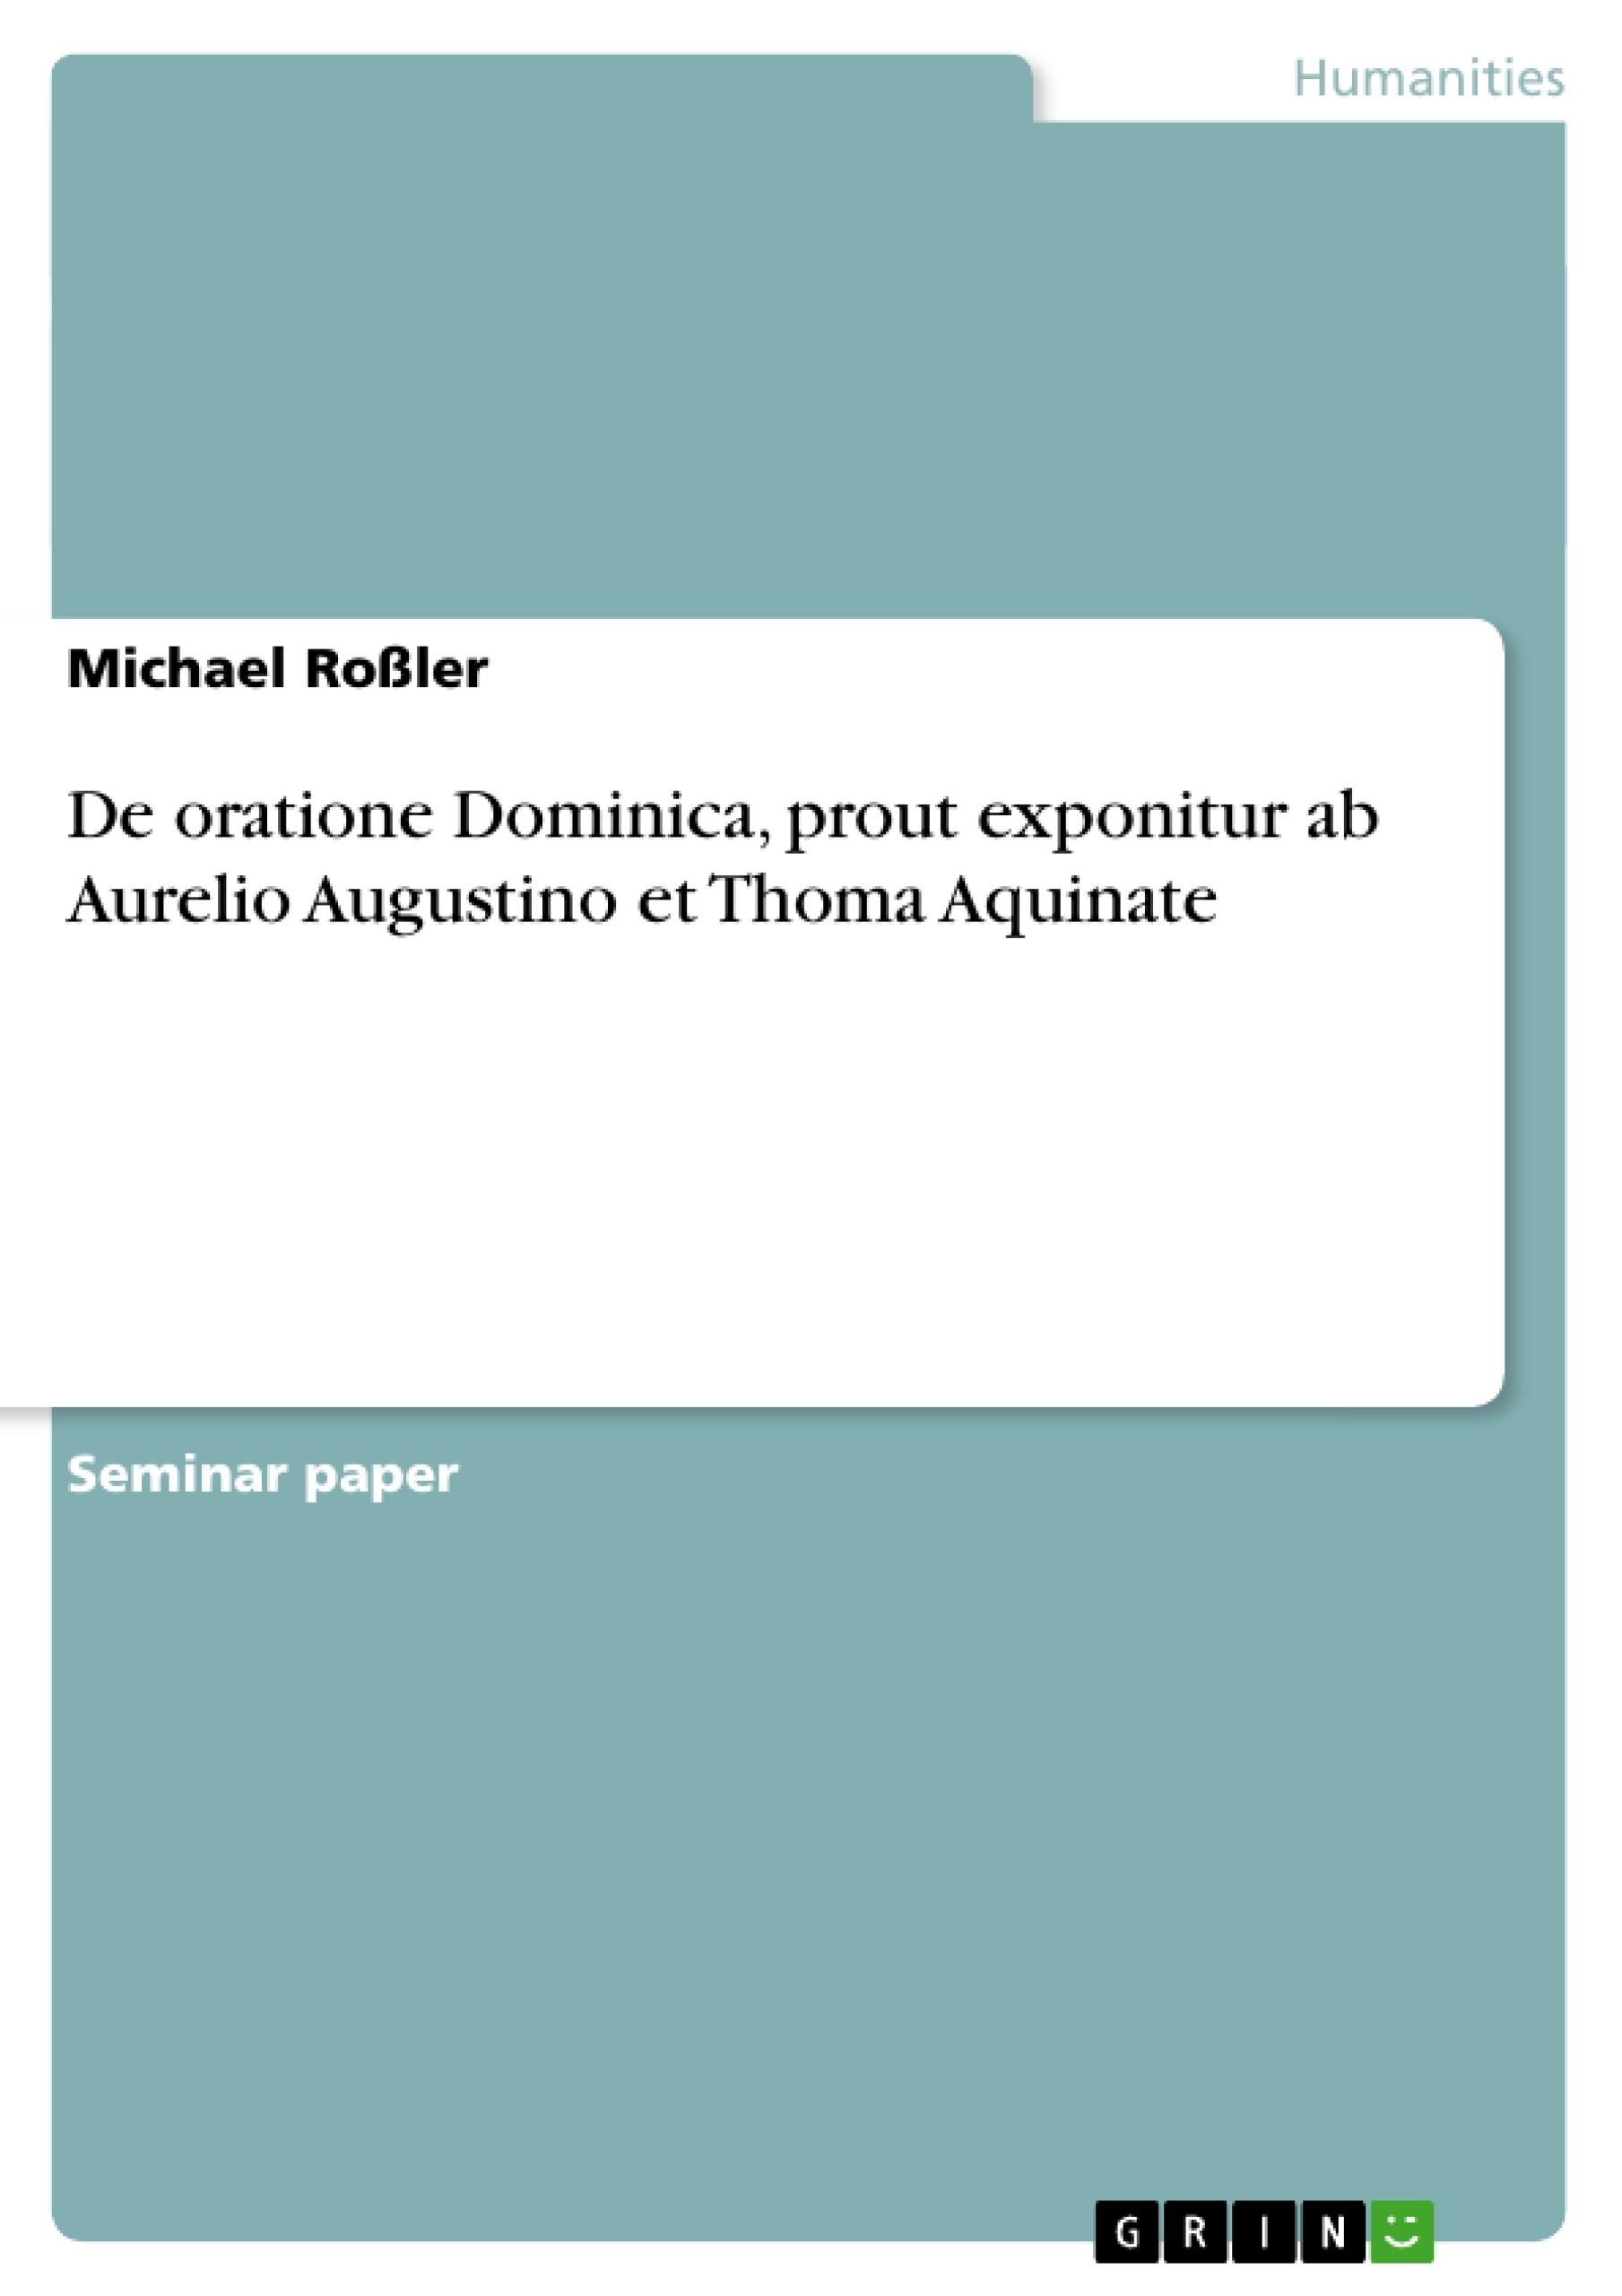 Title: De oratione Dominica, prout exponitur ab Aurelio Augustino et Thoma Aquinate